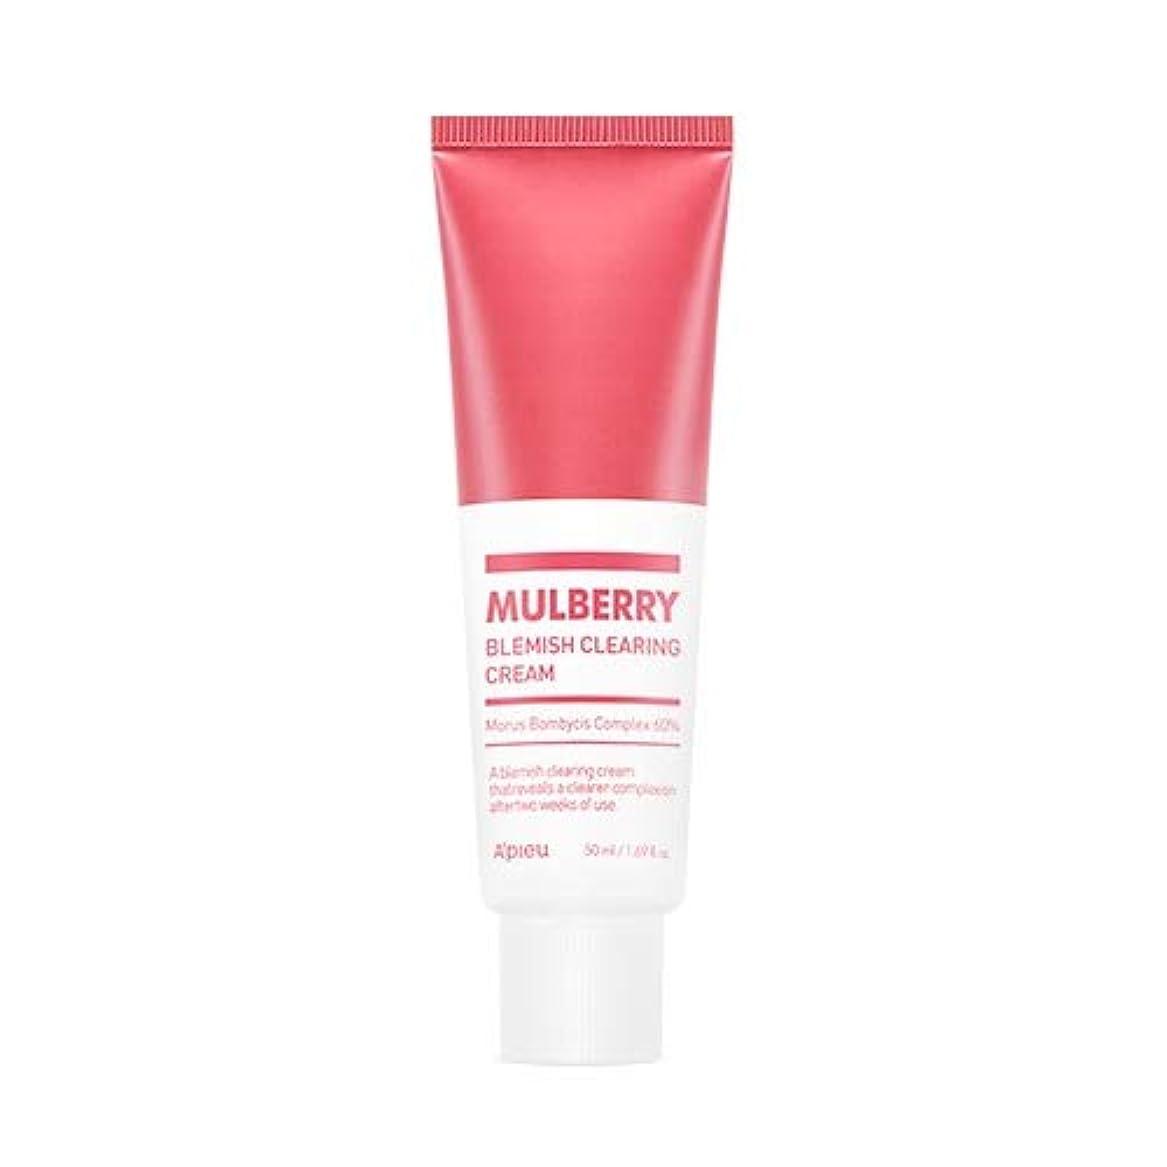 優勢家事補充アピュ マルベリー ブラミッシュ クリアリング クリーム 50ml / APIEU Mulberry Blemish Clearing Cream 50ml [並行輸入品]